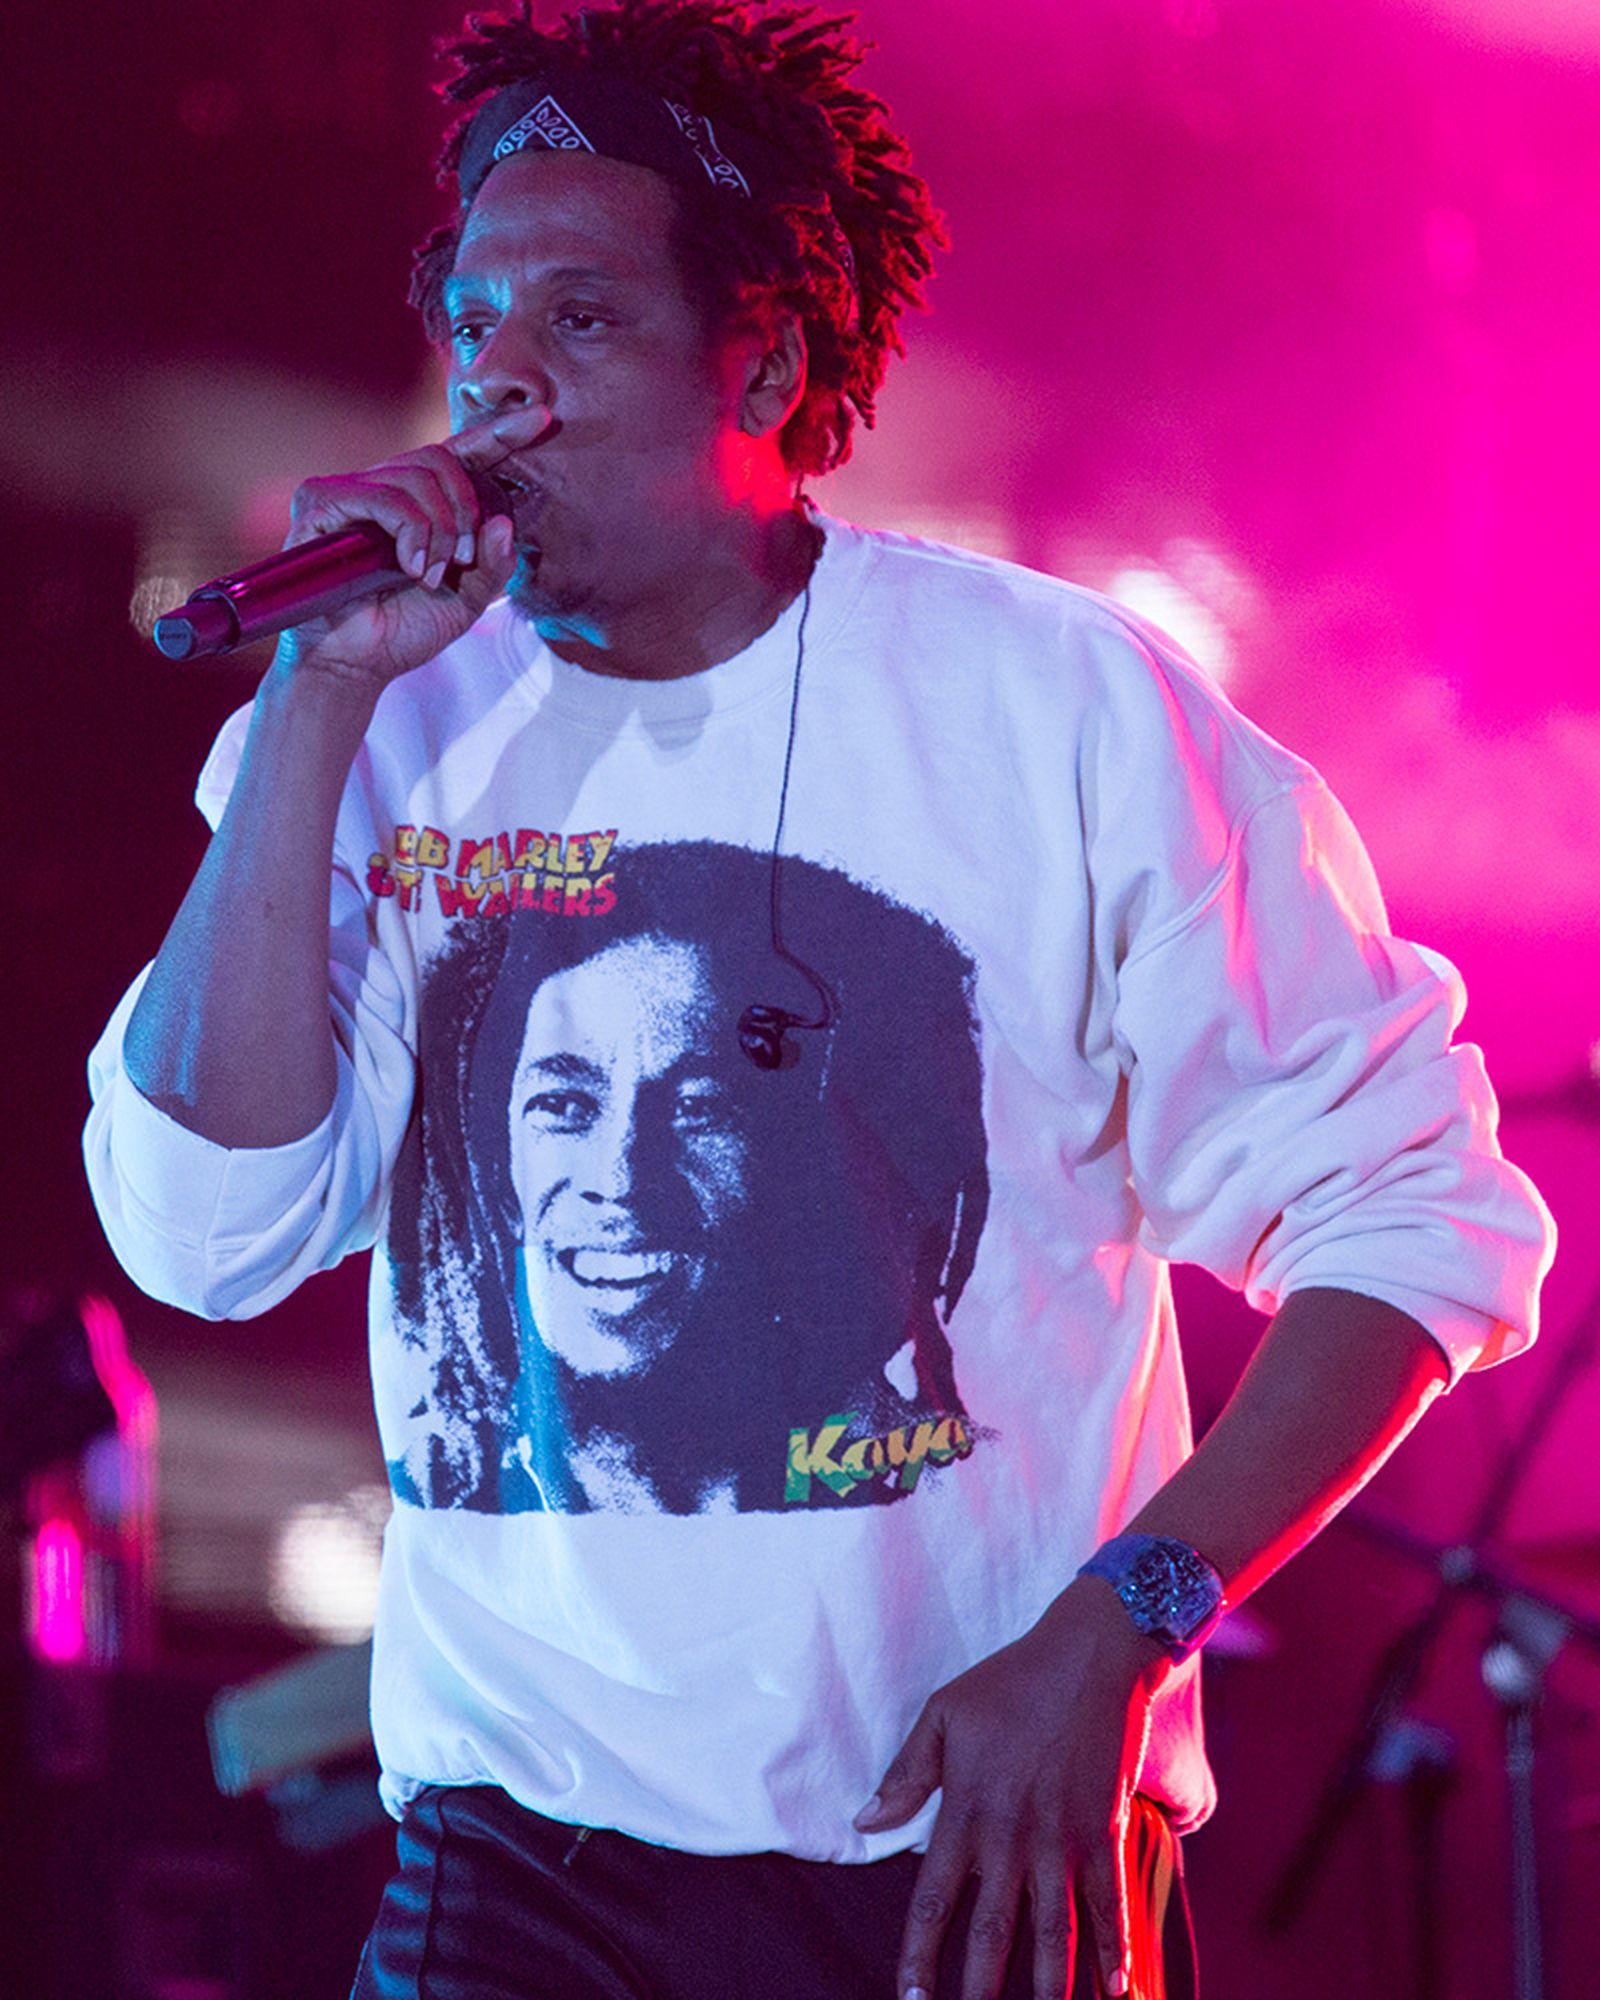 10-biggest-hip-hop-stars-got-rap-names-01